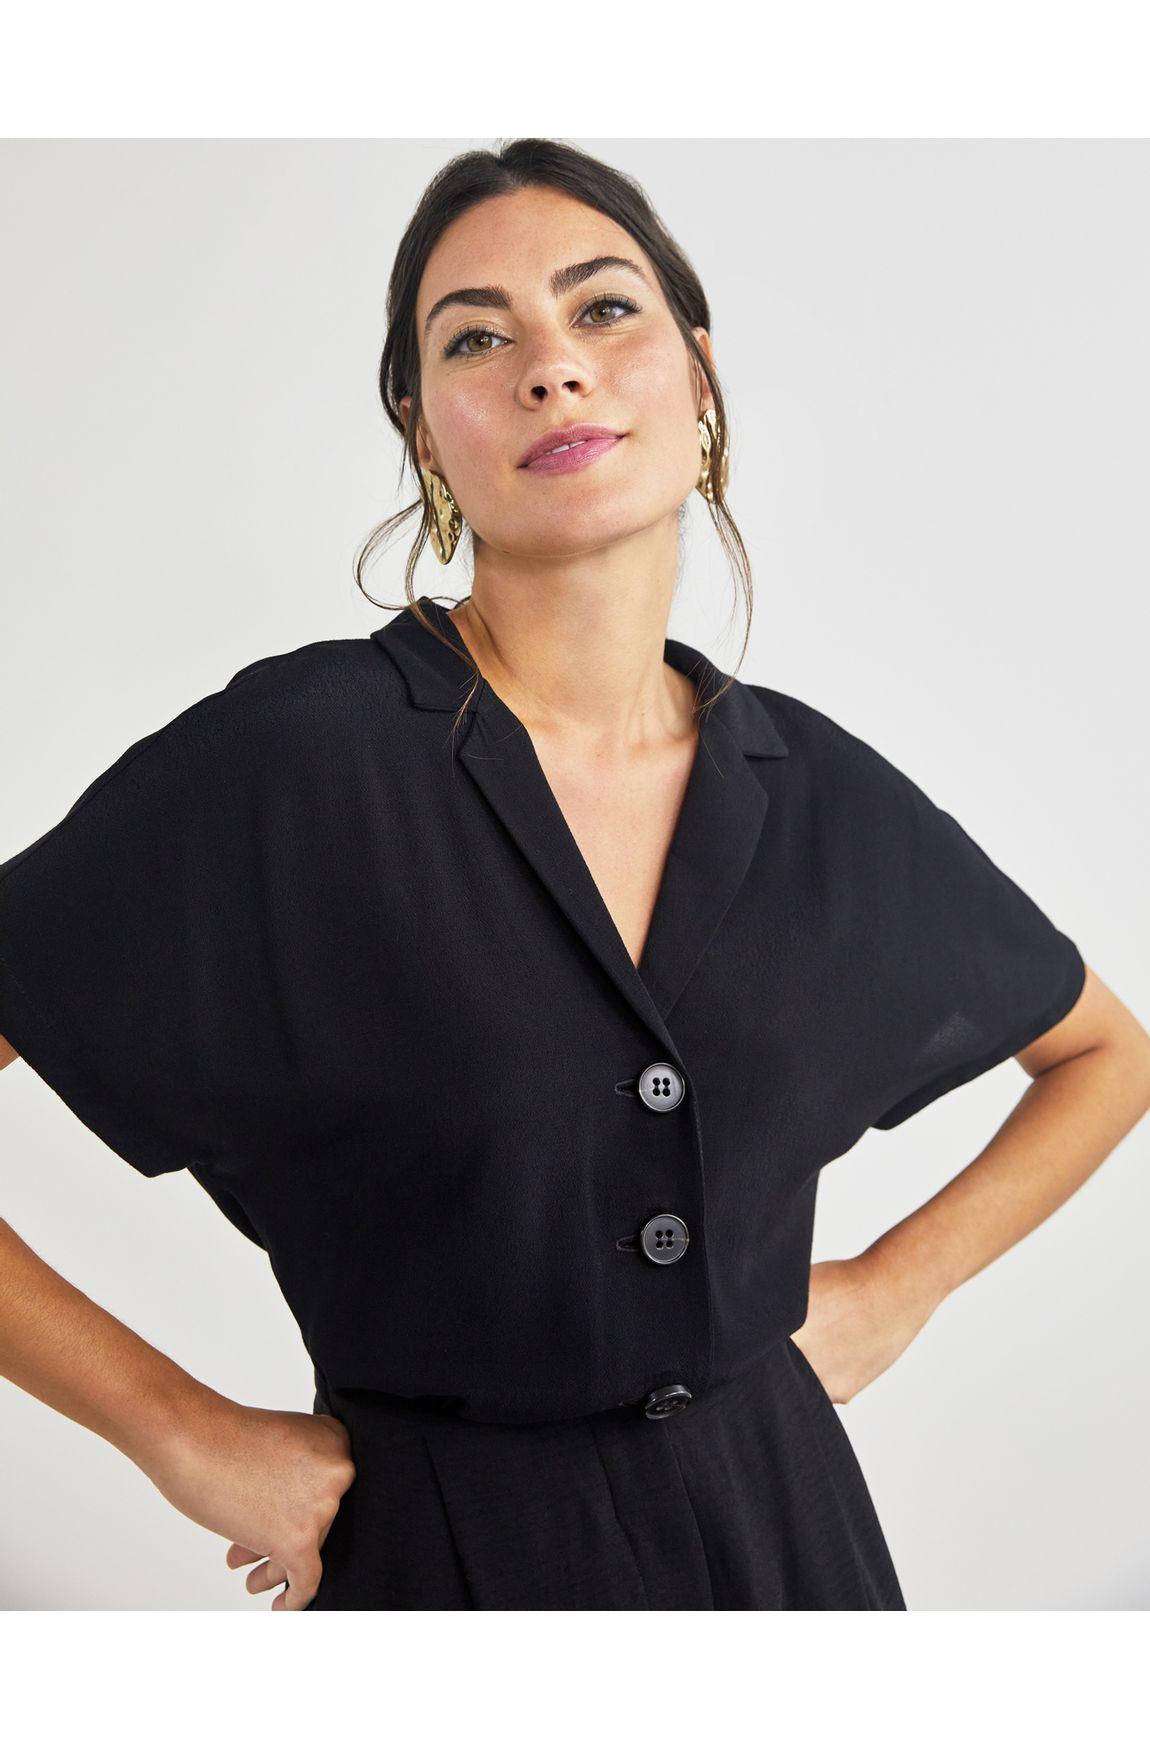 Camisa quadrada manga curta